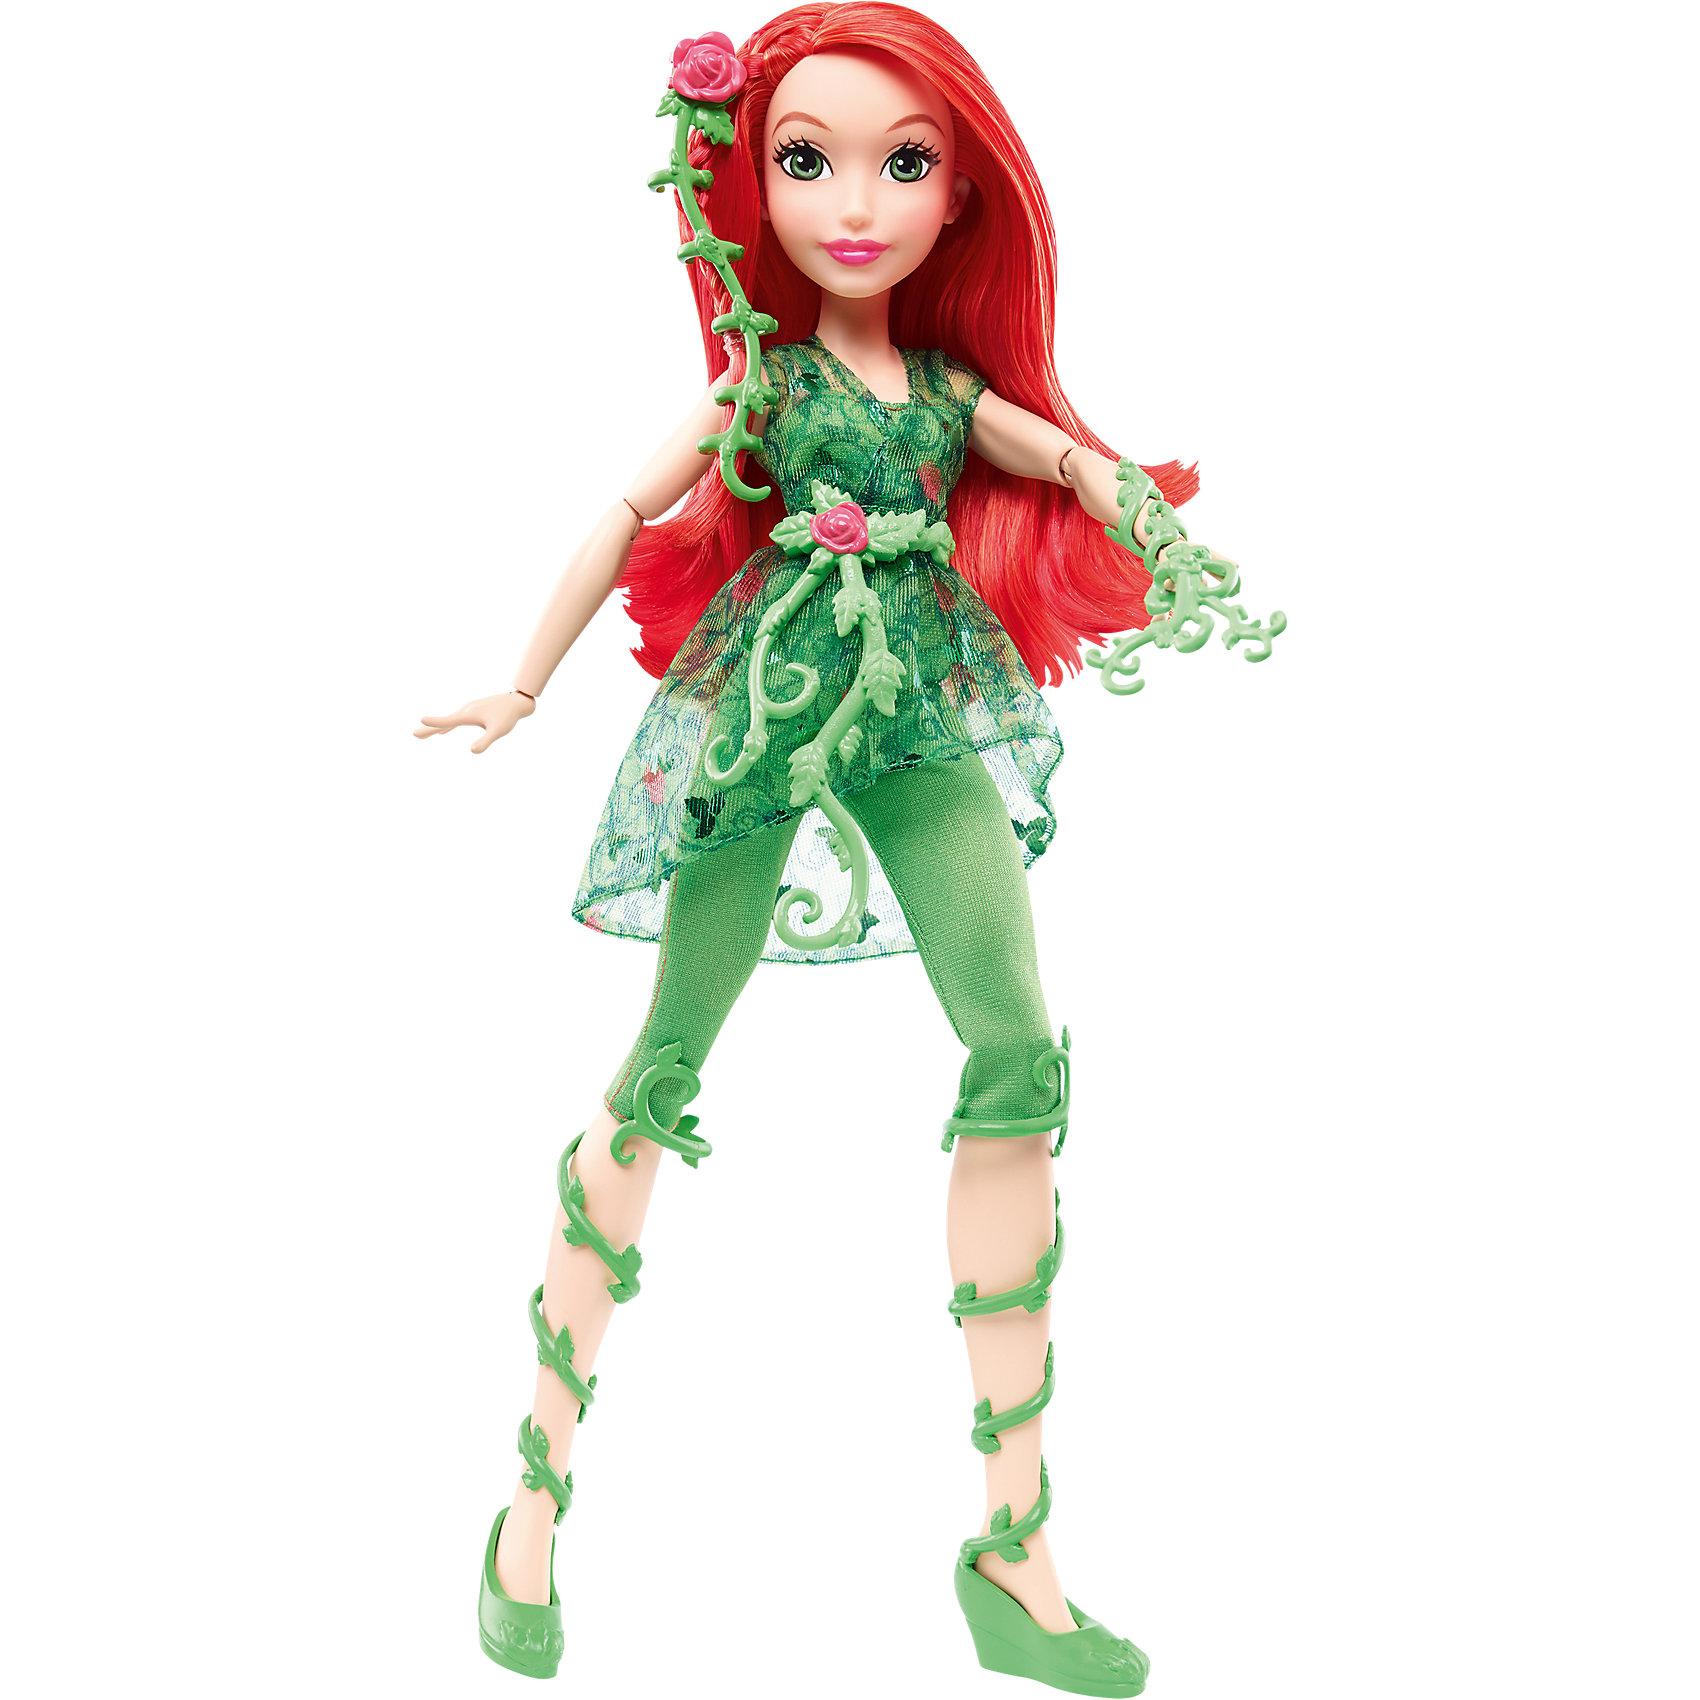 Кукла Ядовитый плющ DC Super Hero GirlsКуклы-модели<br>Характеристики товара:<br><br>• упаковка: коробка-блистер<br>• материал: пластик<br>• серия: DC Super Hero Girls<br>• руки, ноги гнутся<br>• высота куклы: 30 см<br>• возраст: от трех лет<br>• размер упаковки: 20х10х32 см<br>• вес: 0,3 кг<br>• страна производства: Китай<br>• страна бренда: США<br><br>Барби может разной! Такой современный образ изящной куклы порадует маленьких любительниц вселенной супергероев. Она позволит придумать множество игр со своими любимыми персонажами. Кукла отлично детализирована. Высота - 30 сантиметров, поэтому и выглядит героиня внушительно.<br><br>Игры с такими куклами - это не только весело, они помогают детям развить воображение, творческое и пространственное мышление, мелкую моторику . Игрушки от бренда Mattel отличаются стабильно высоким качеством и уже давно радуют детей по всему миру! <br><br>Куклу Ядовитый плющ DC Super Hero Girls от компании Mattel можно купить в нашем интернет-магазине.<br><br>Ширина мм: 328<br>Глубина мм: 210<br>Высота мм: 81<br>Вес г: 347<br>Возраст от месяцев: 72<br>Возраст до месяцев: 120<br>Пол: Женский<br>Возраст: Детский<br>SKU: 4765394